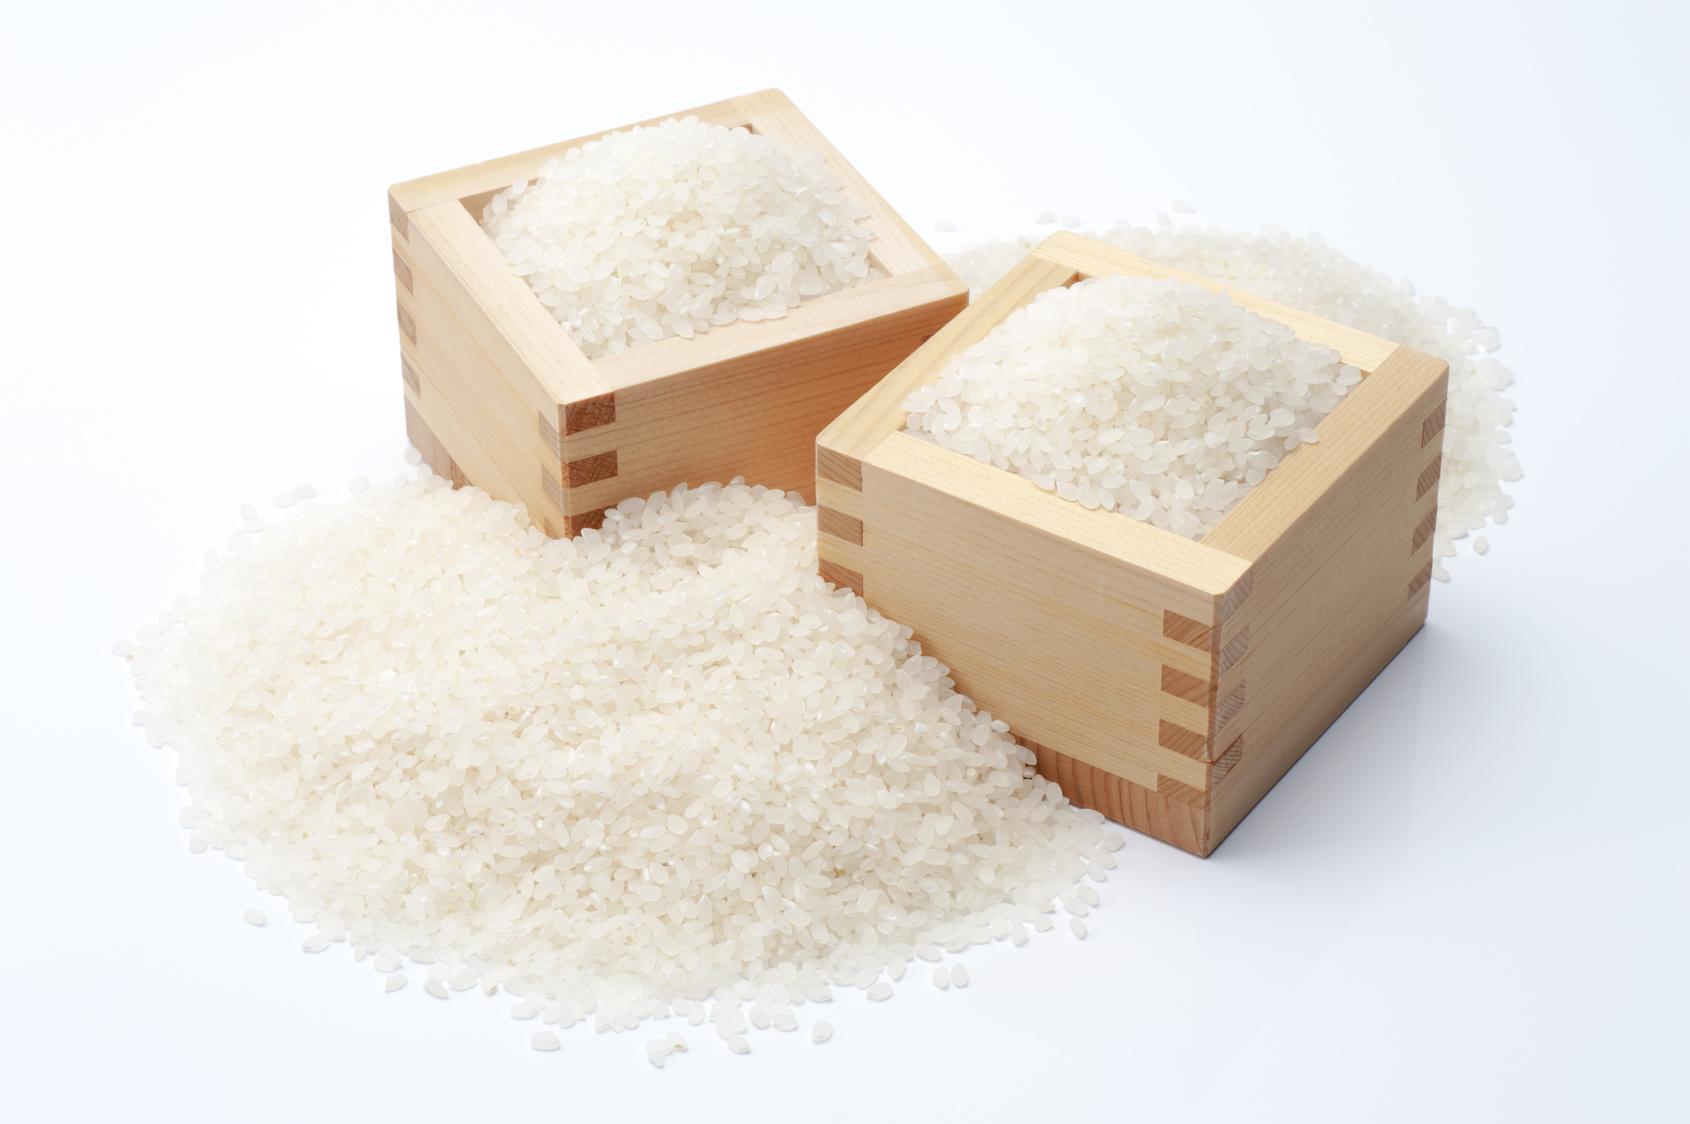 お米には賞味期限の表示が無い?お米の賞味期限はいつ切れるの?のサムネイル画像